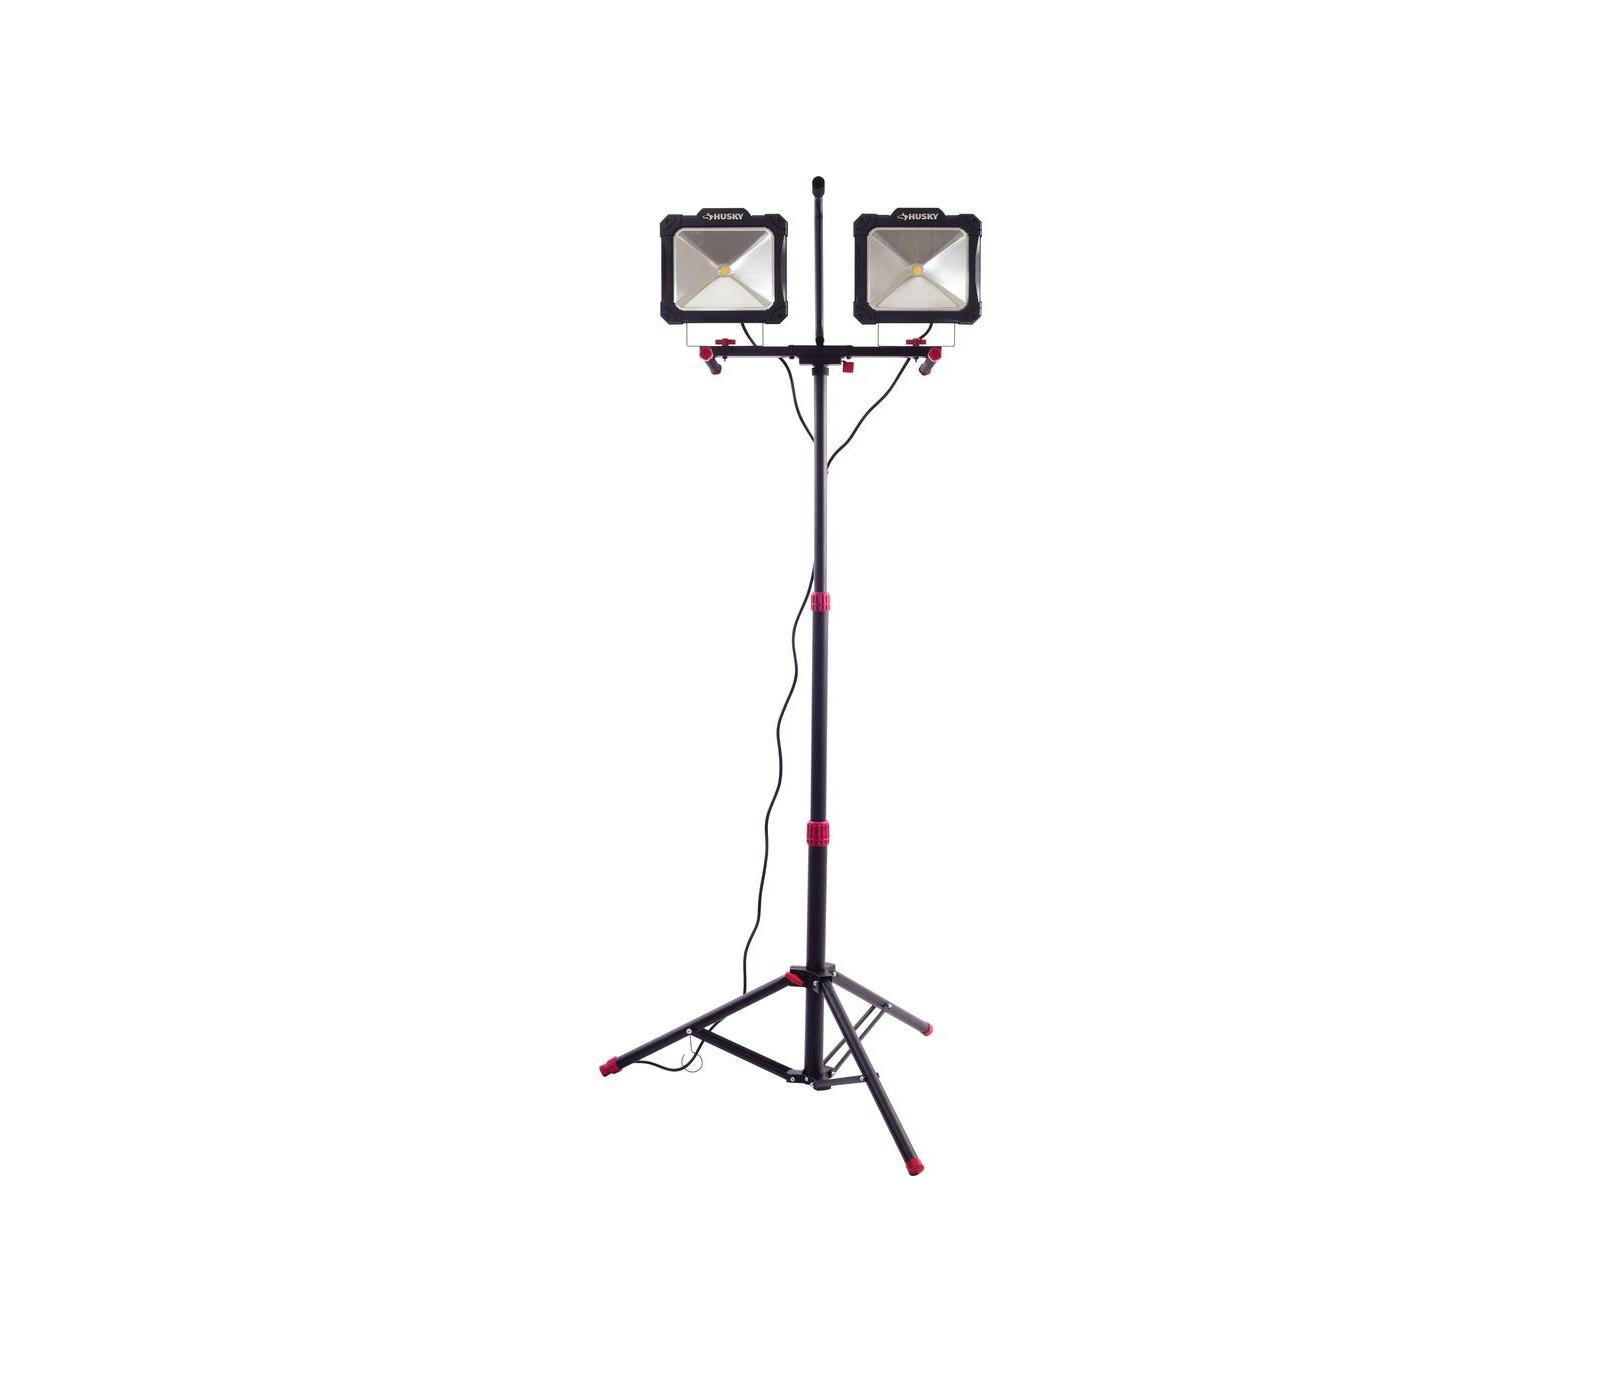 LED Flood Light with Tripod